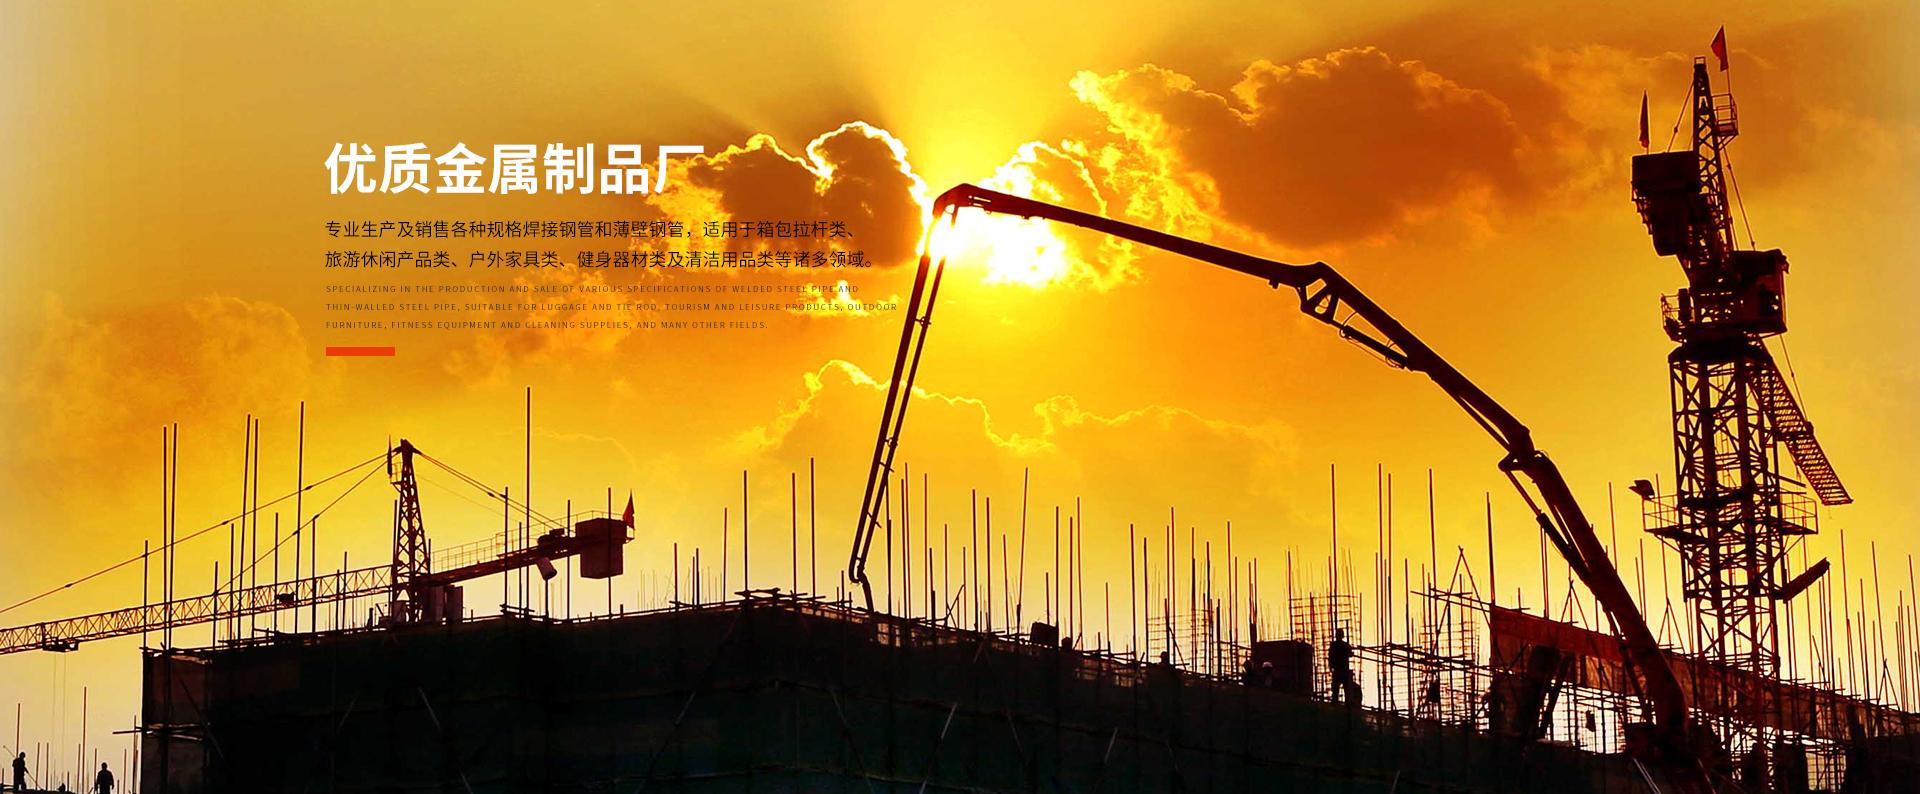 焊接钢管厂家